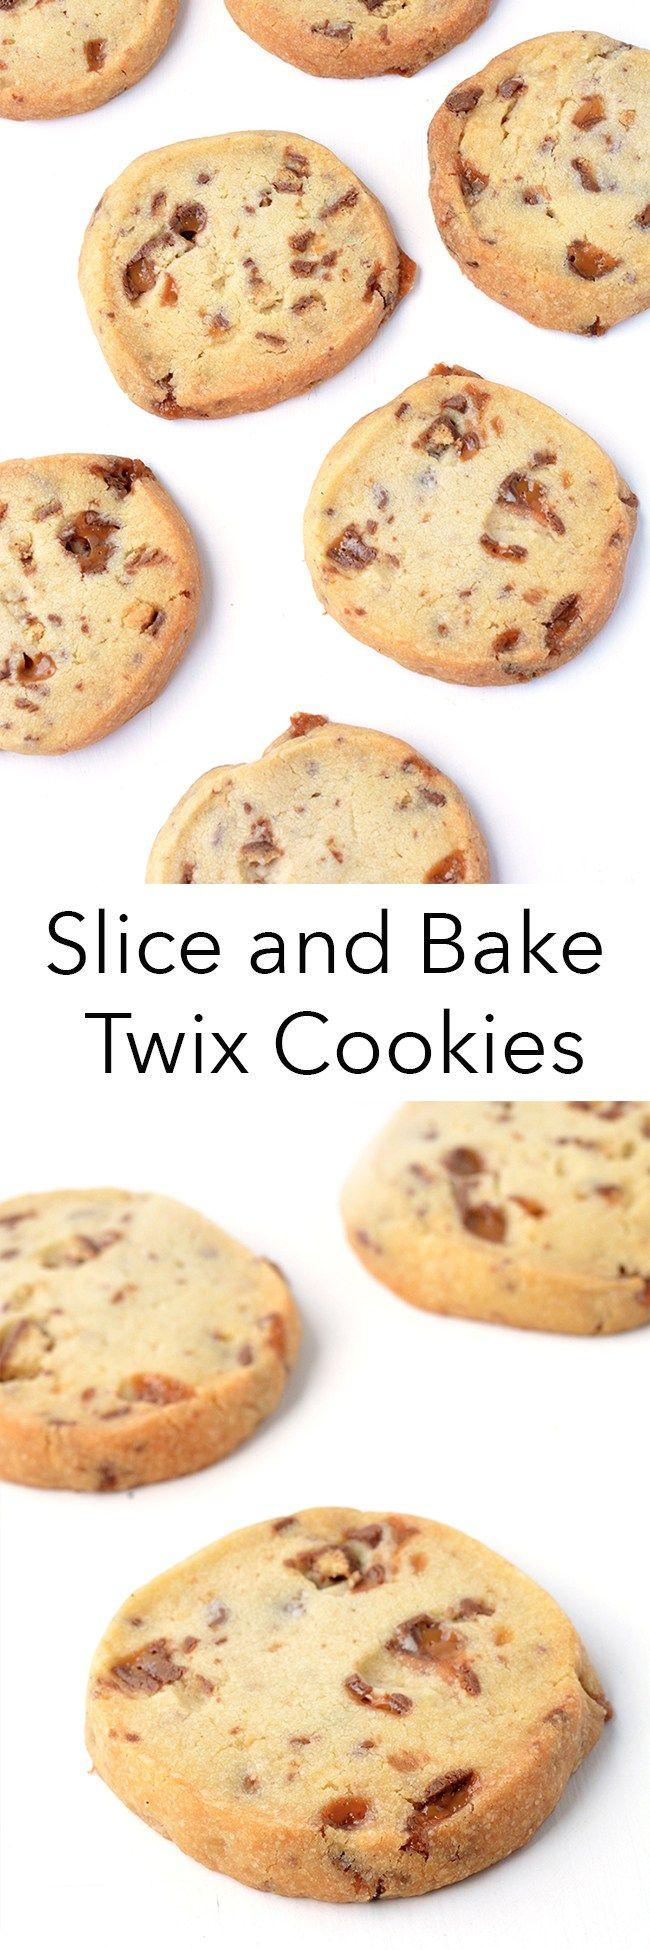 601 best Icebox Cookies images on Pinterest | Wafer cookies, Cookies ...